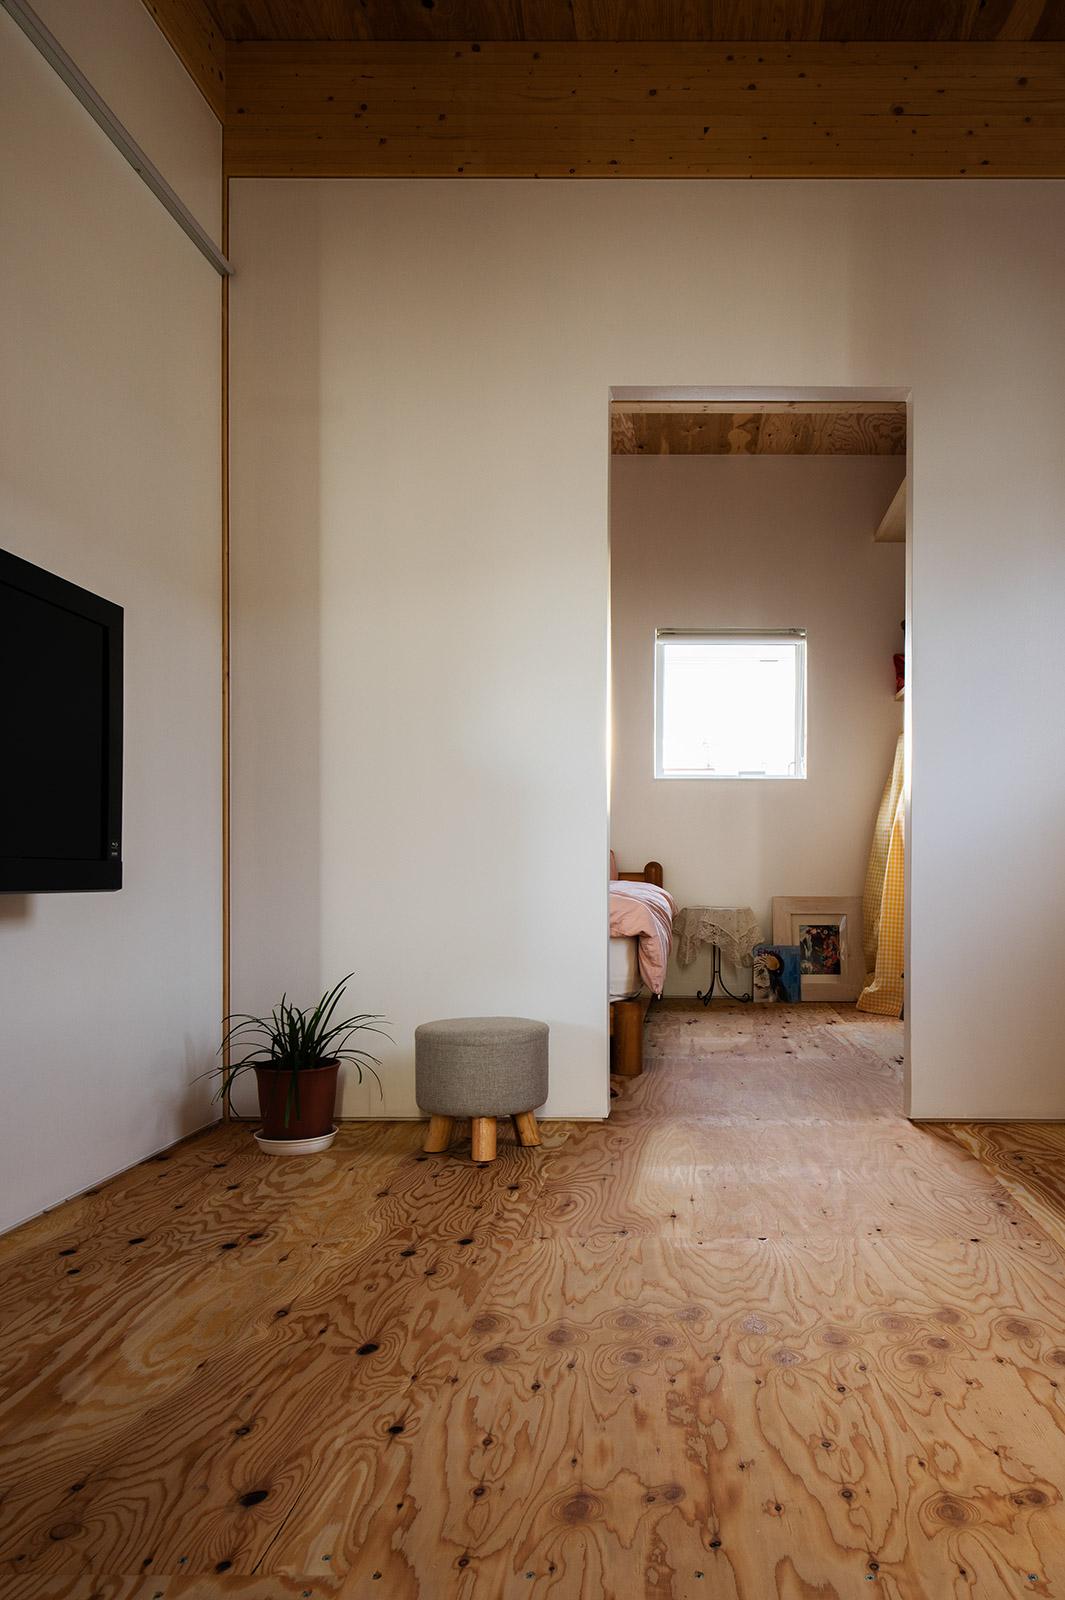 2階西側にある姉の居住スペースは、4畳半3つ分。中央にセミオープンなホールを配し、南に寝室、北にシャワー室とトイレ、洗面を配置